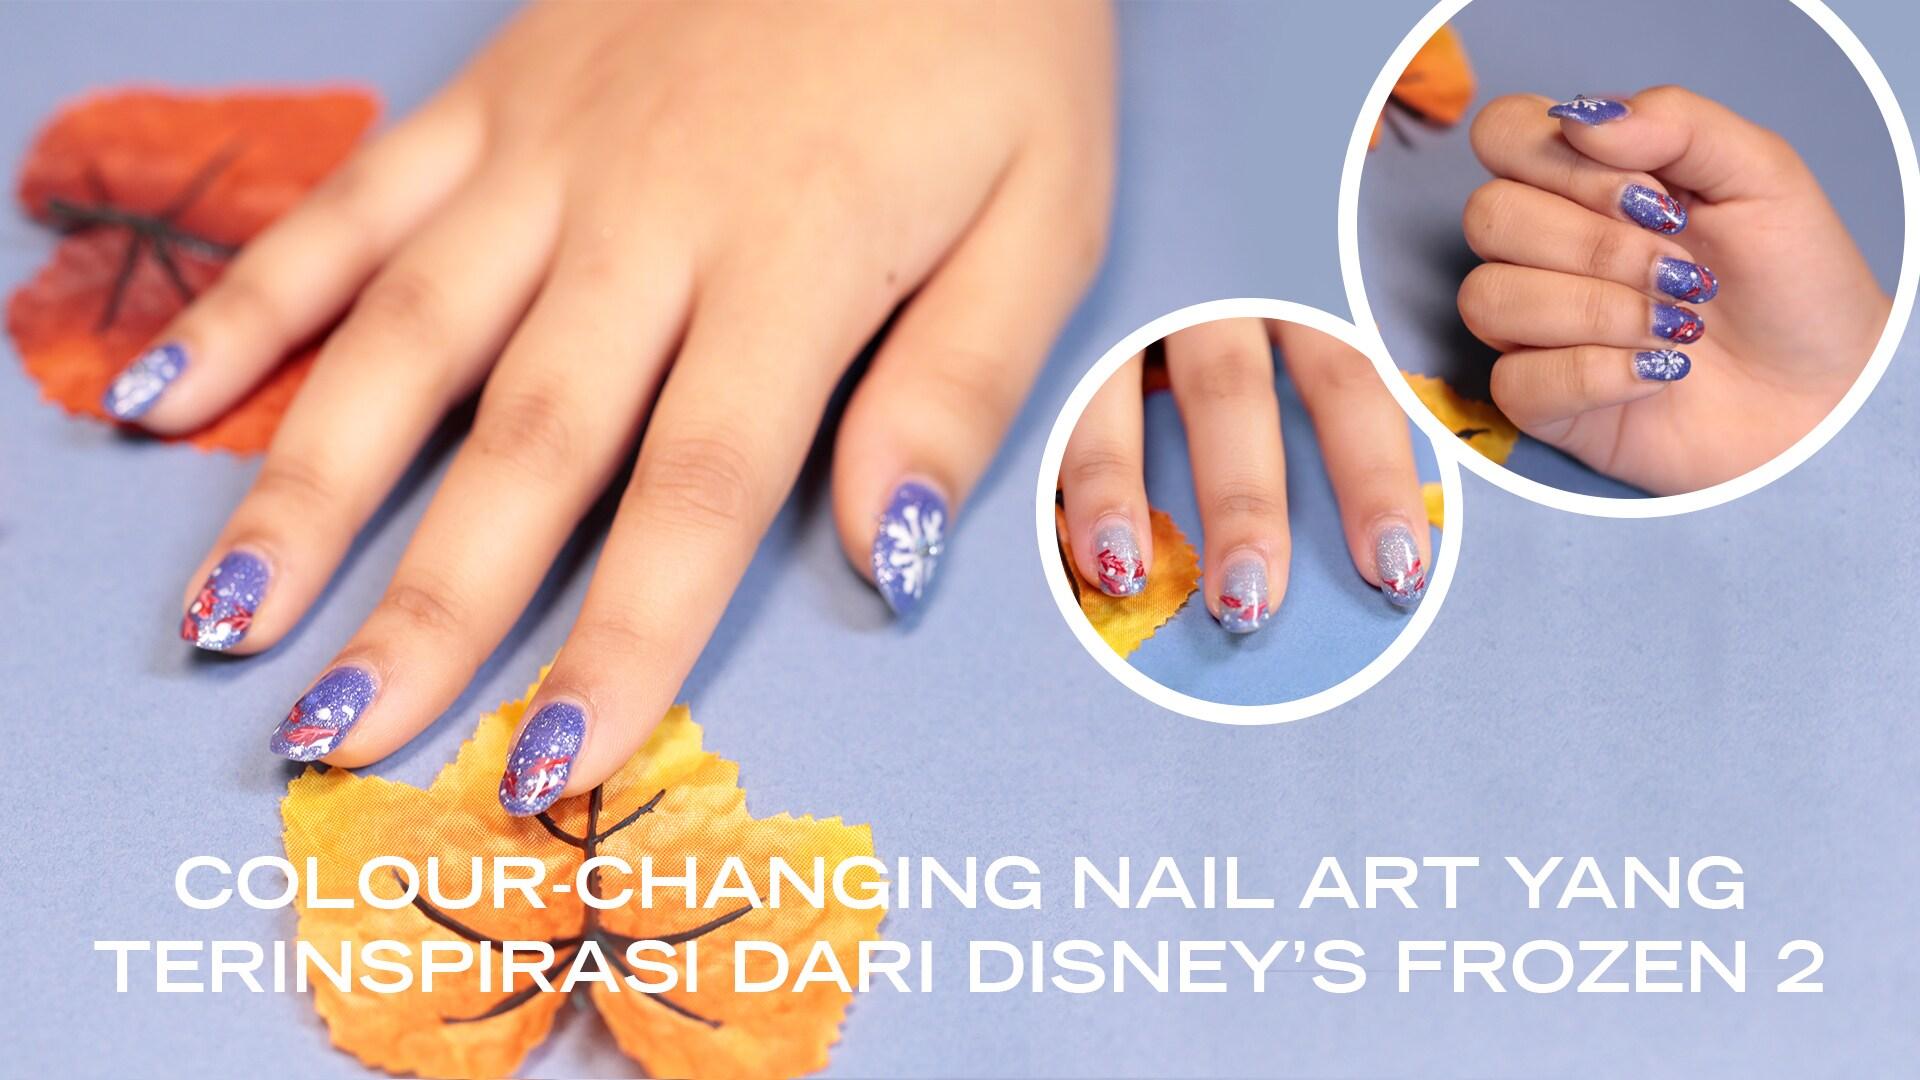 Lihatlah Colour-Changing Nail Art Yang Terinspirasi Oleh Disney's Frozen 2